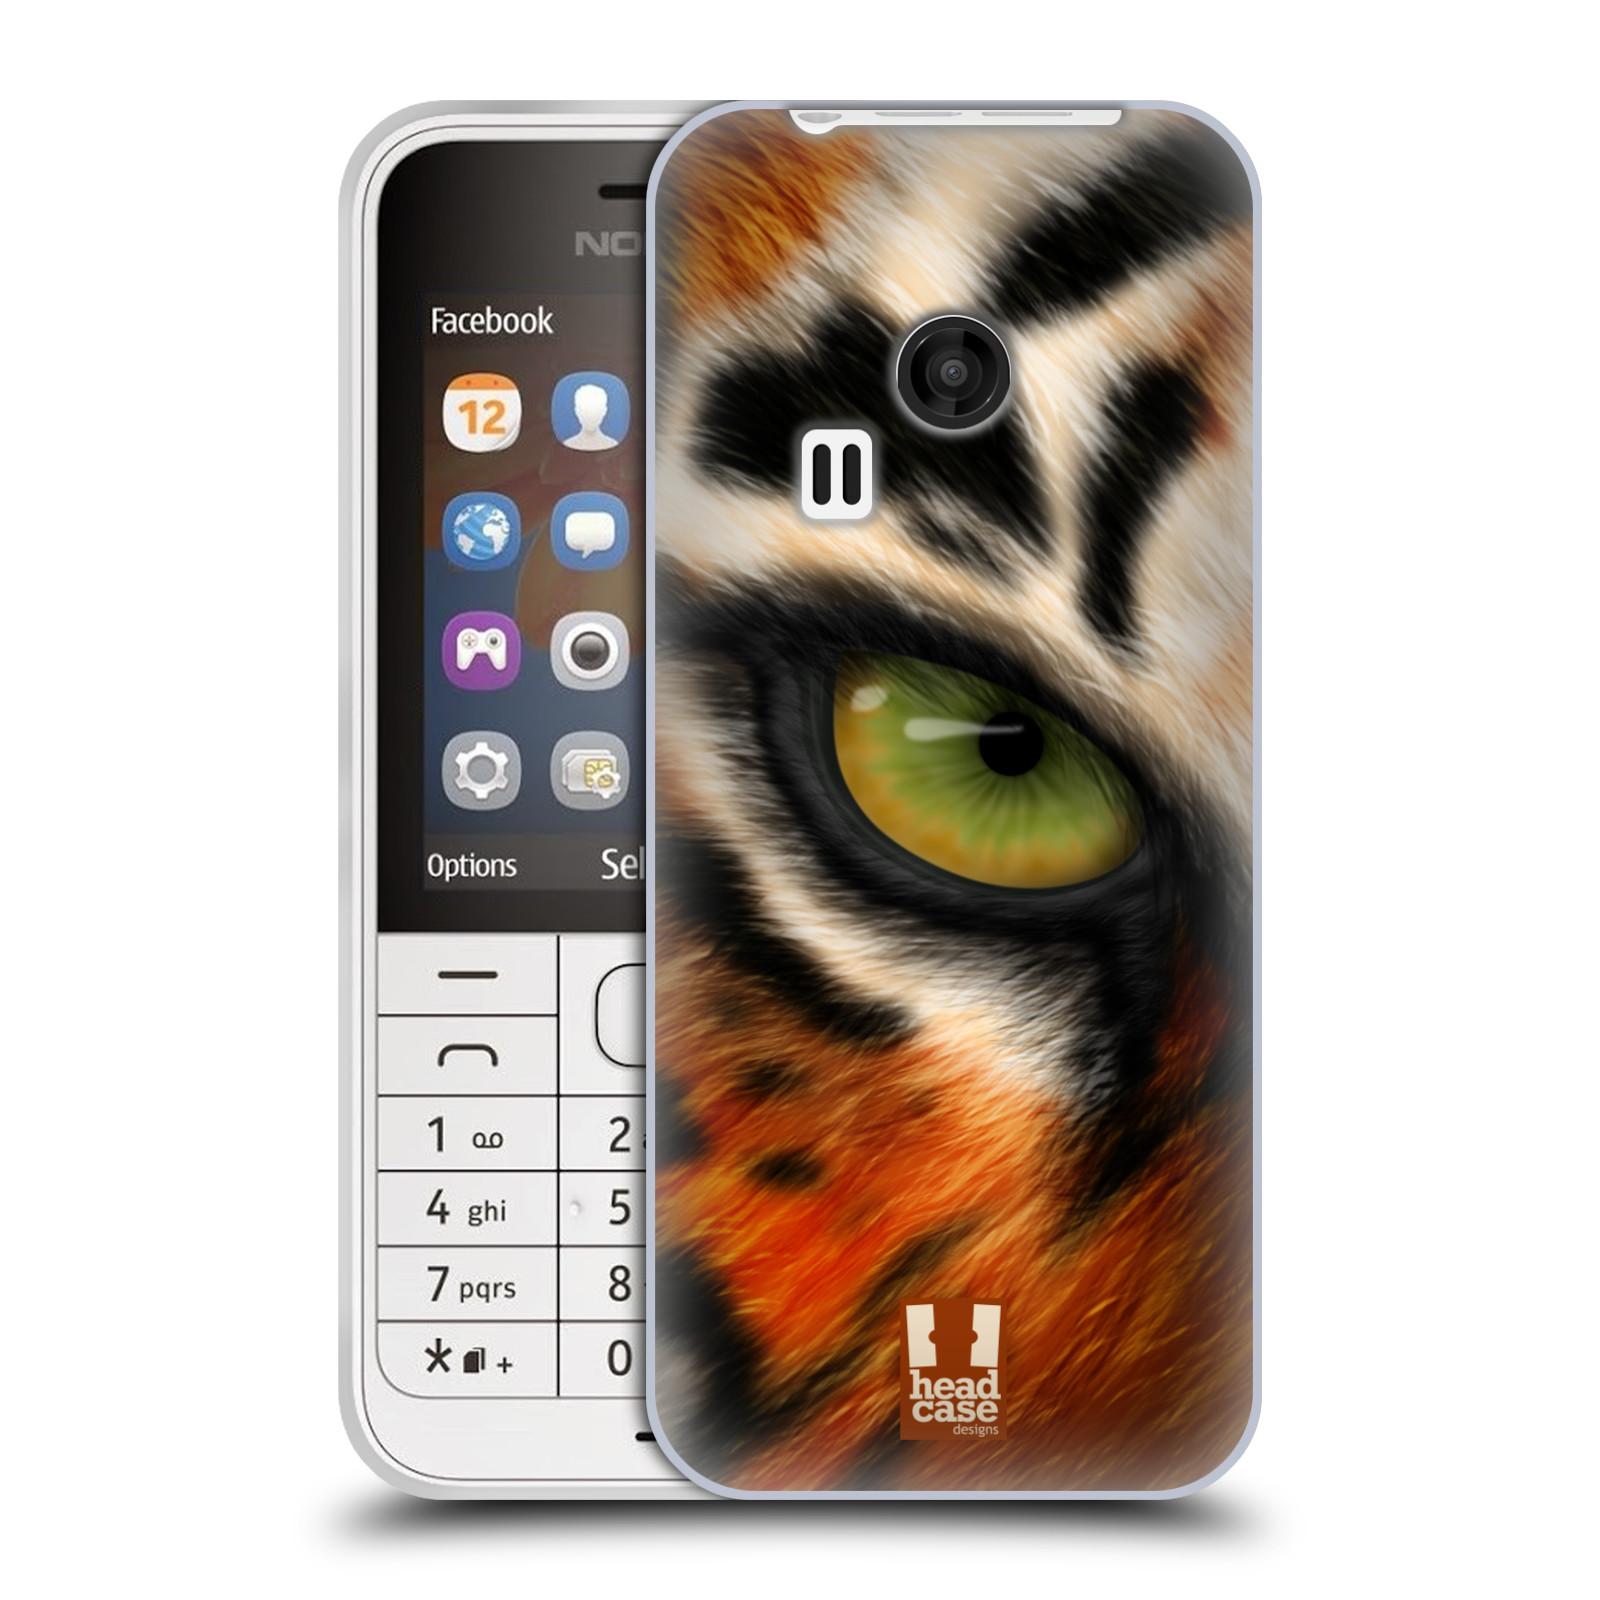 HEAD CASE silikonový obal na mobil NOKIA 220 / NOKIA 220 DUAL SIM vzor pohled zvířete oko tygr